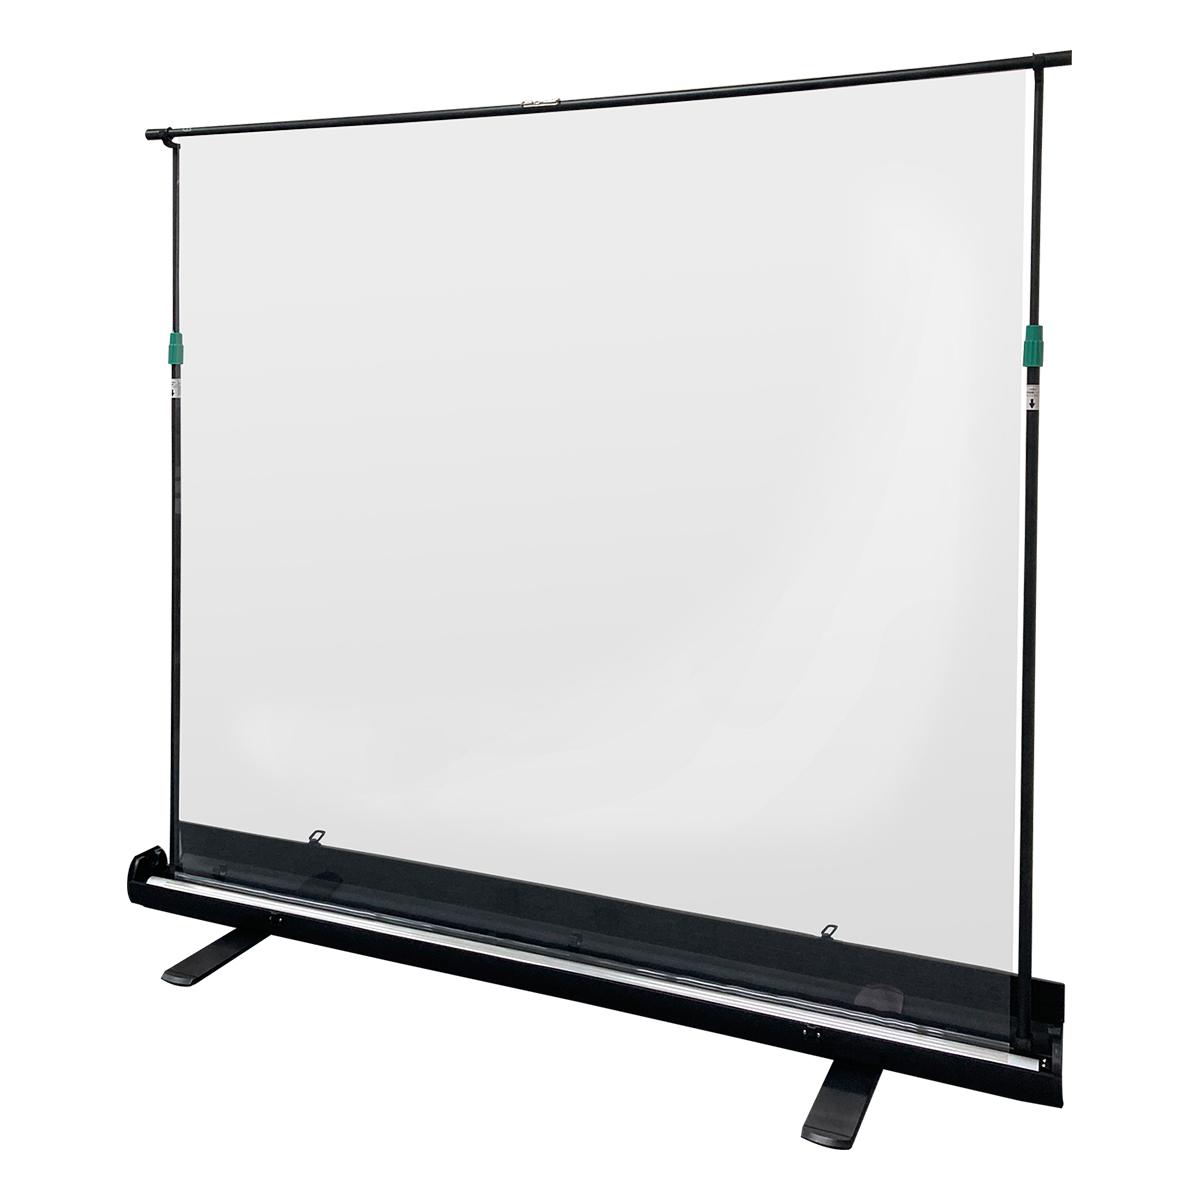 【コロナ対策】飛沫防止・透明パーテーション/自立型 シールドスクリーン OS オーエス PGF-1821S11-TT202